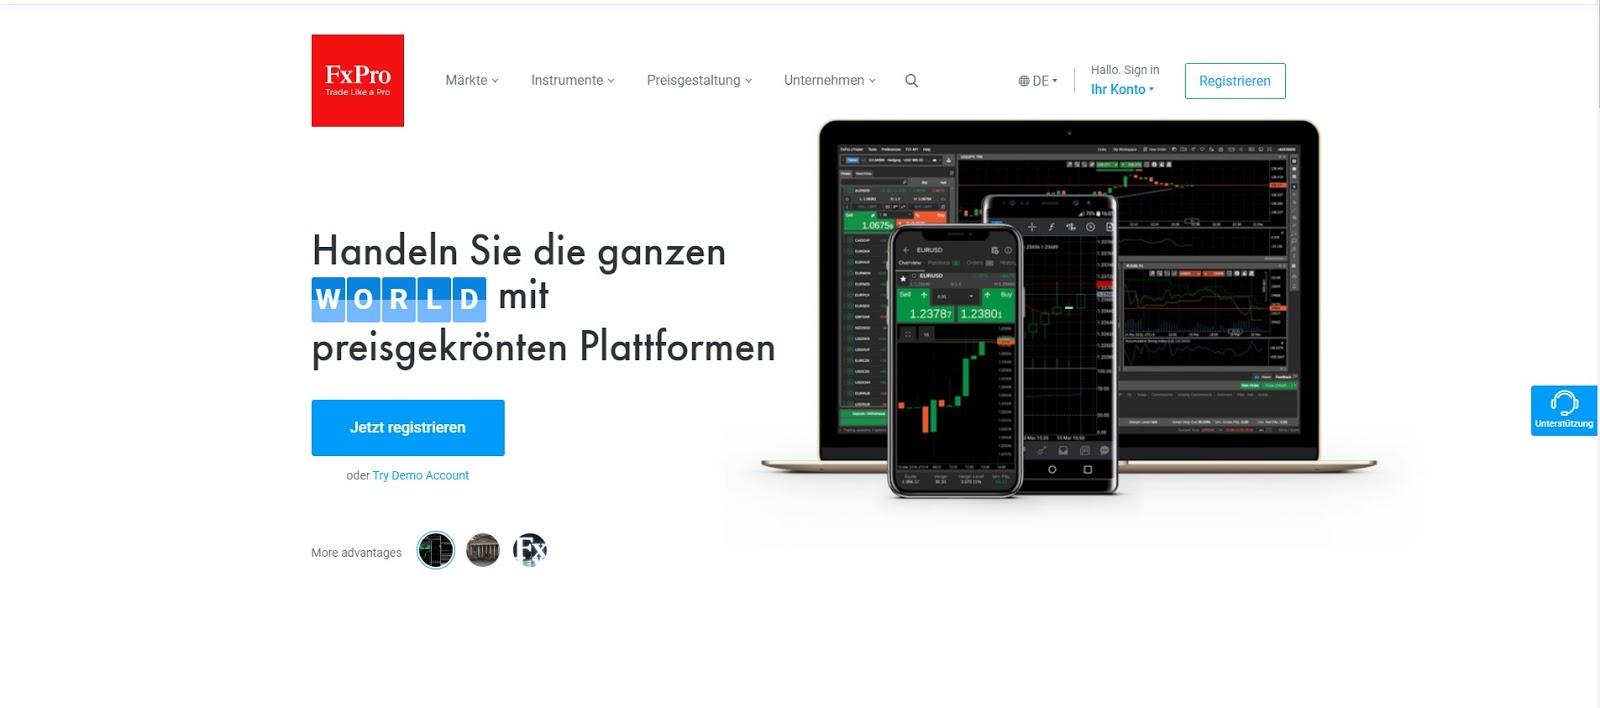 FxPro-website en logo